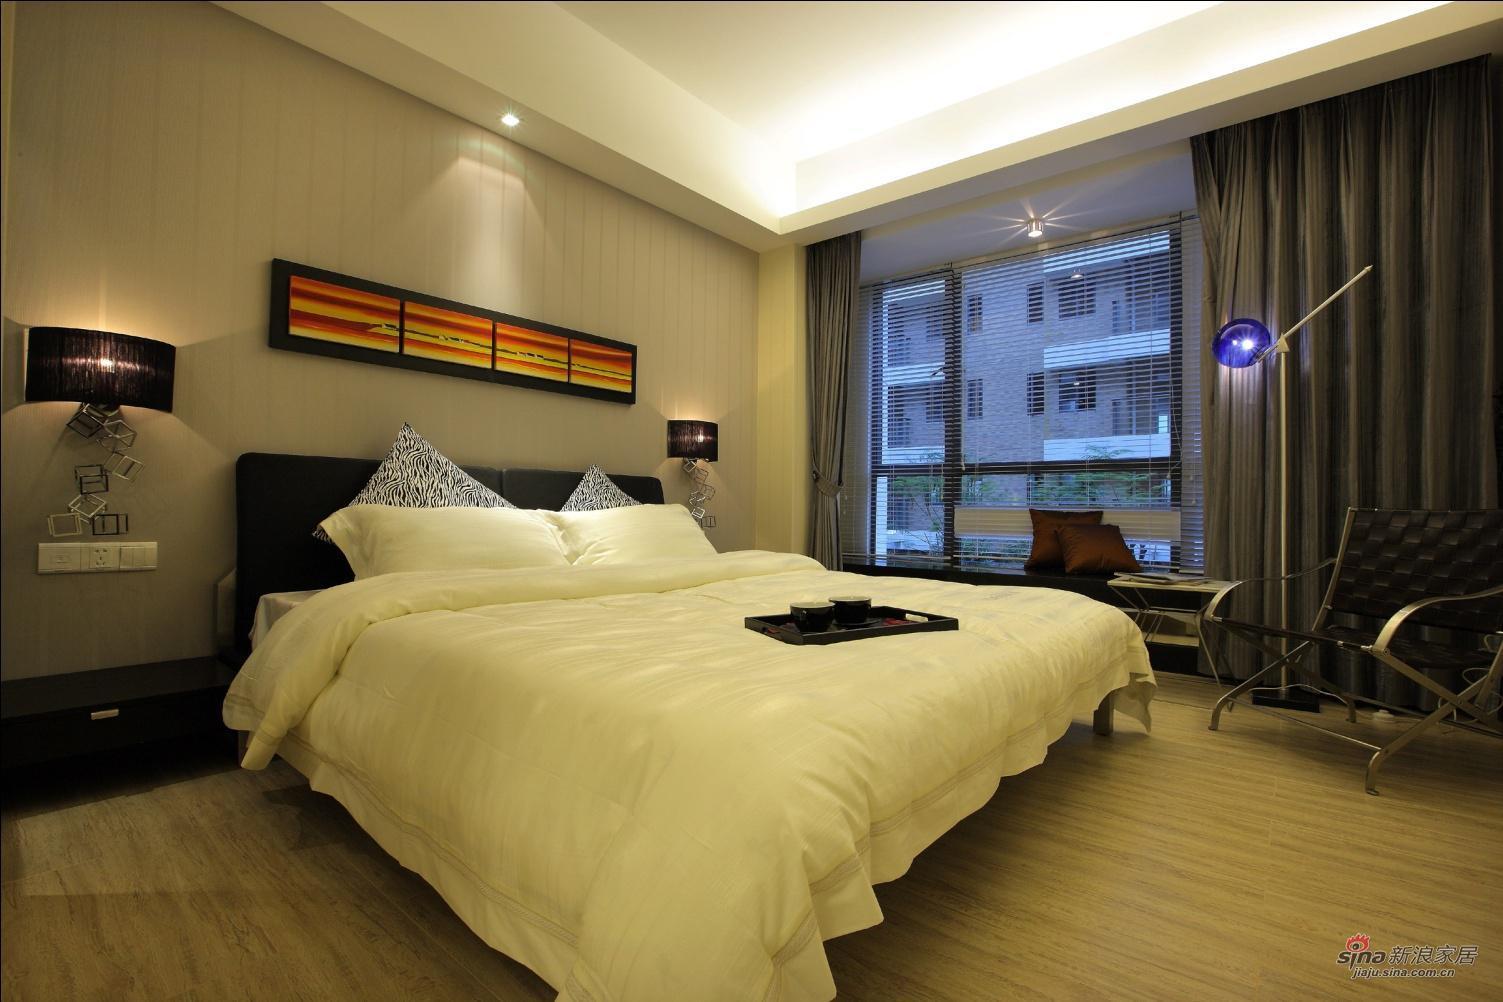 简约 复式 卧室图片来自用户2739081033在山语城(190平米)现代简约设计案例37的分享